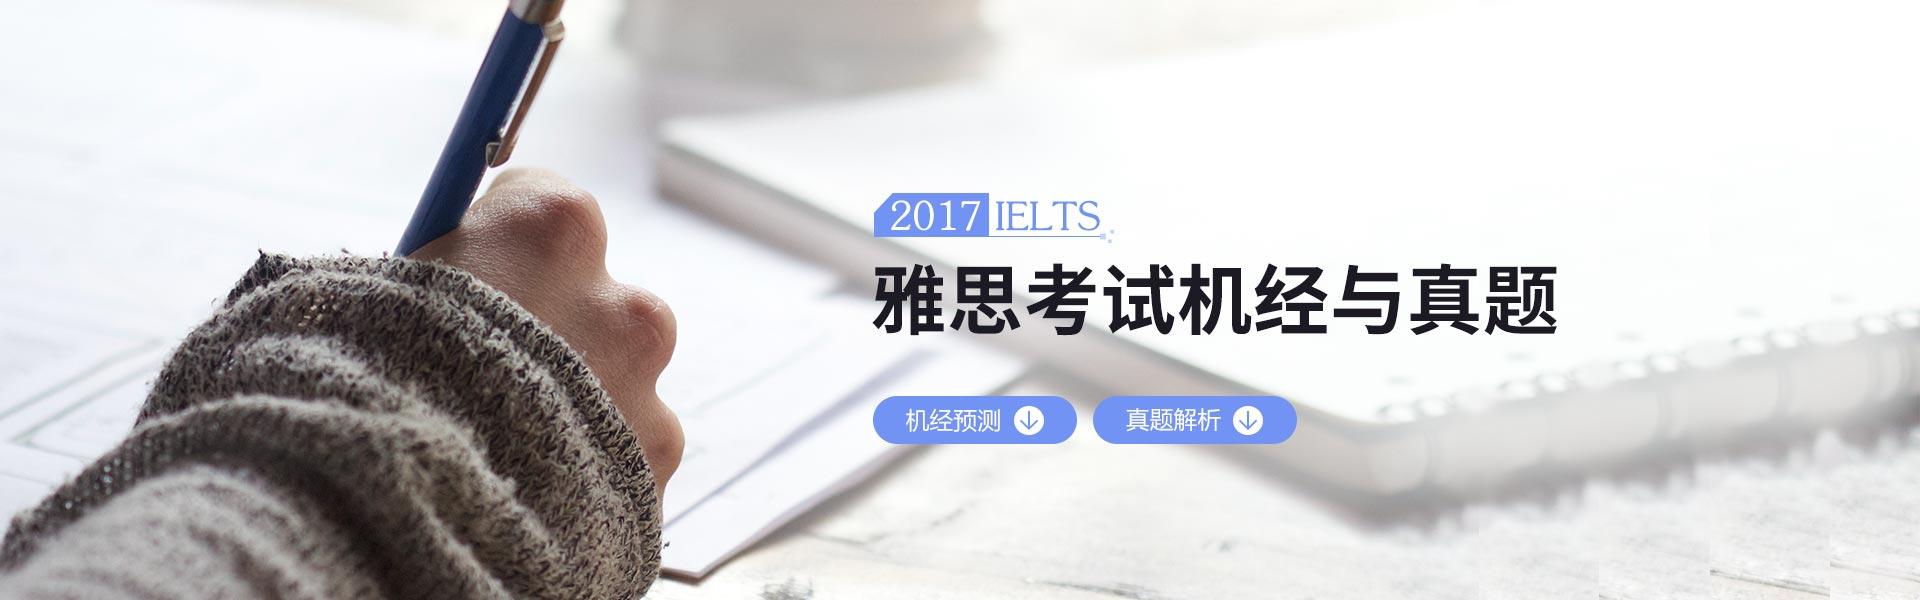 2017雅思真题回忆解析